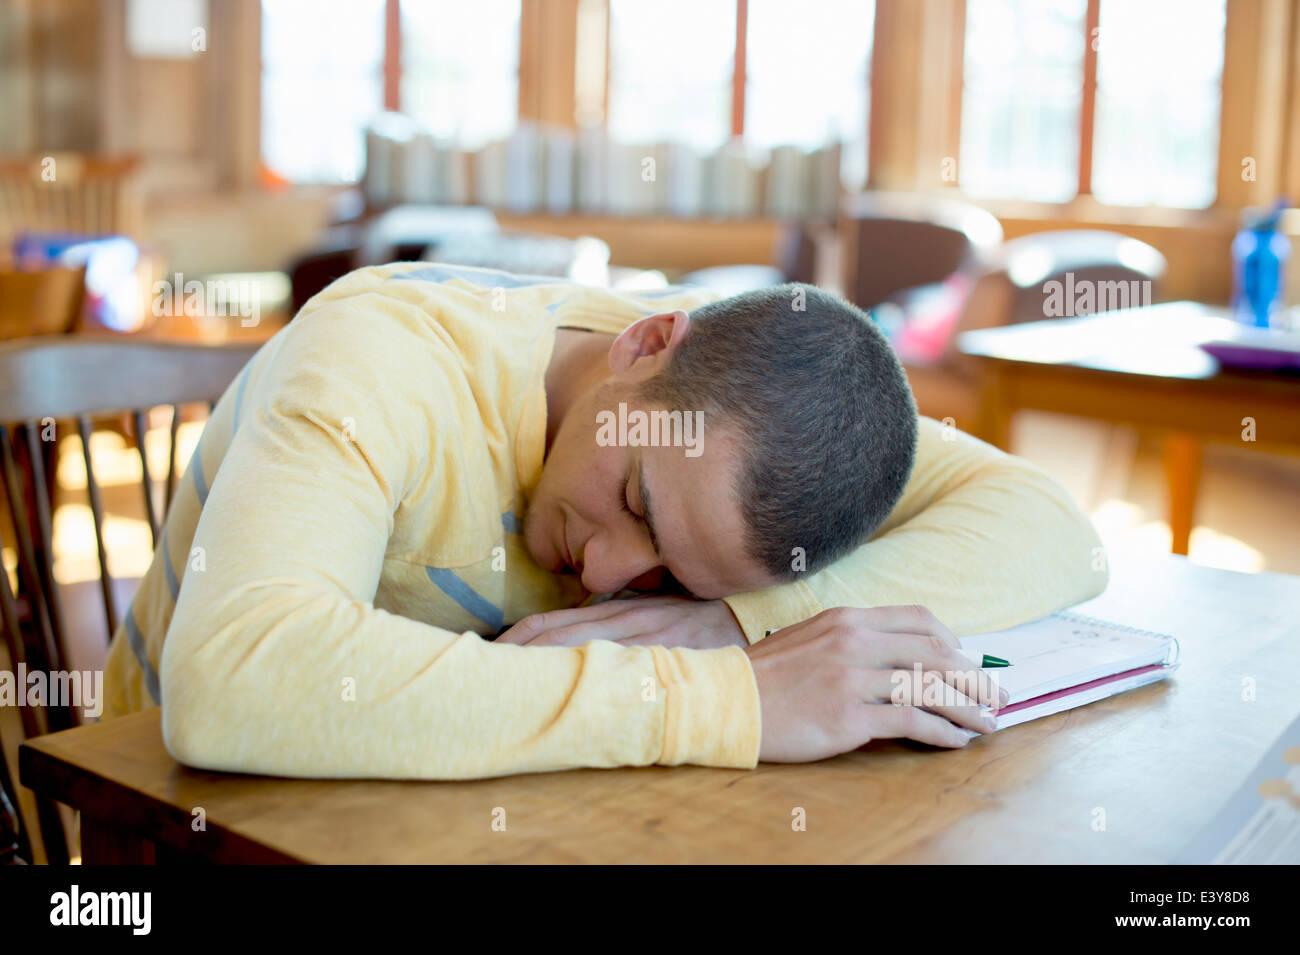 Joven dormido en el libro Imagen De Stock